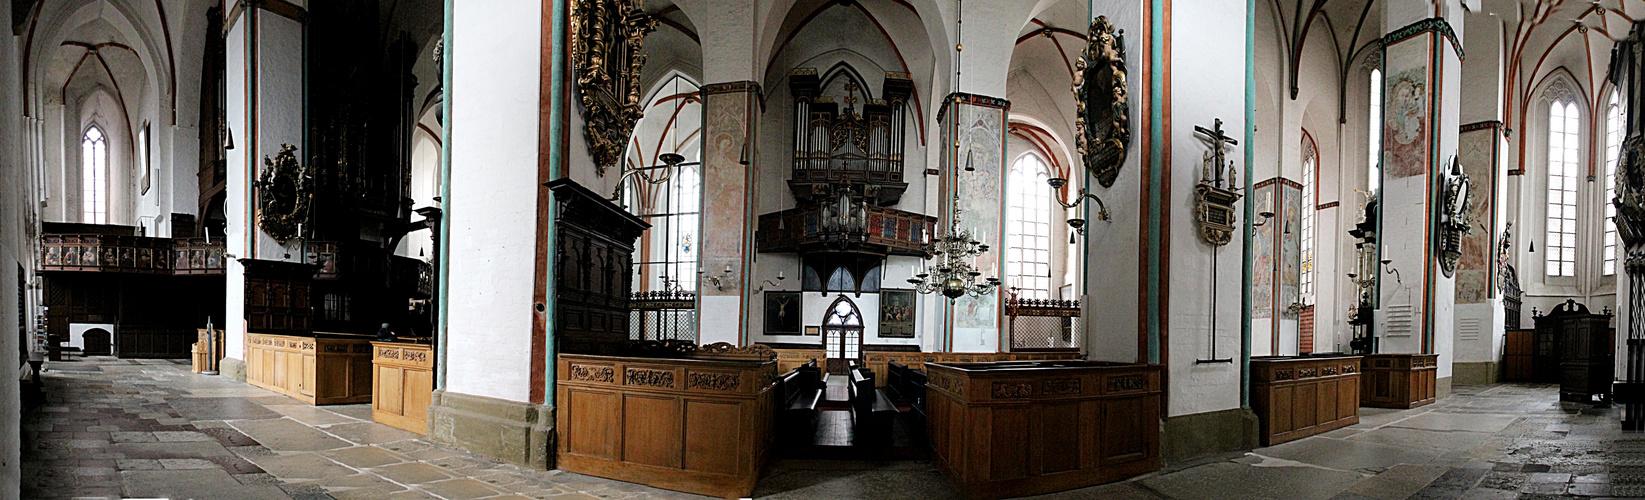 Versuch eines Panoramas St. Jakobi Lübeck